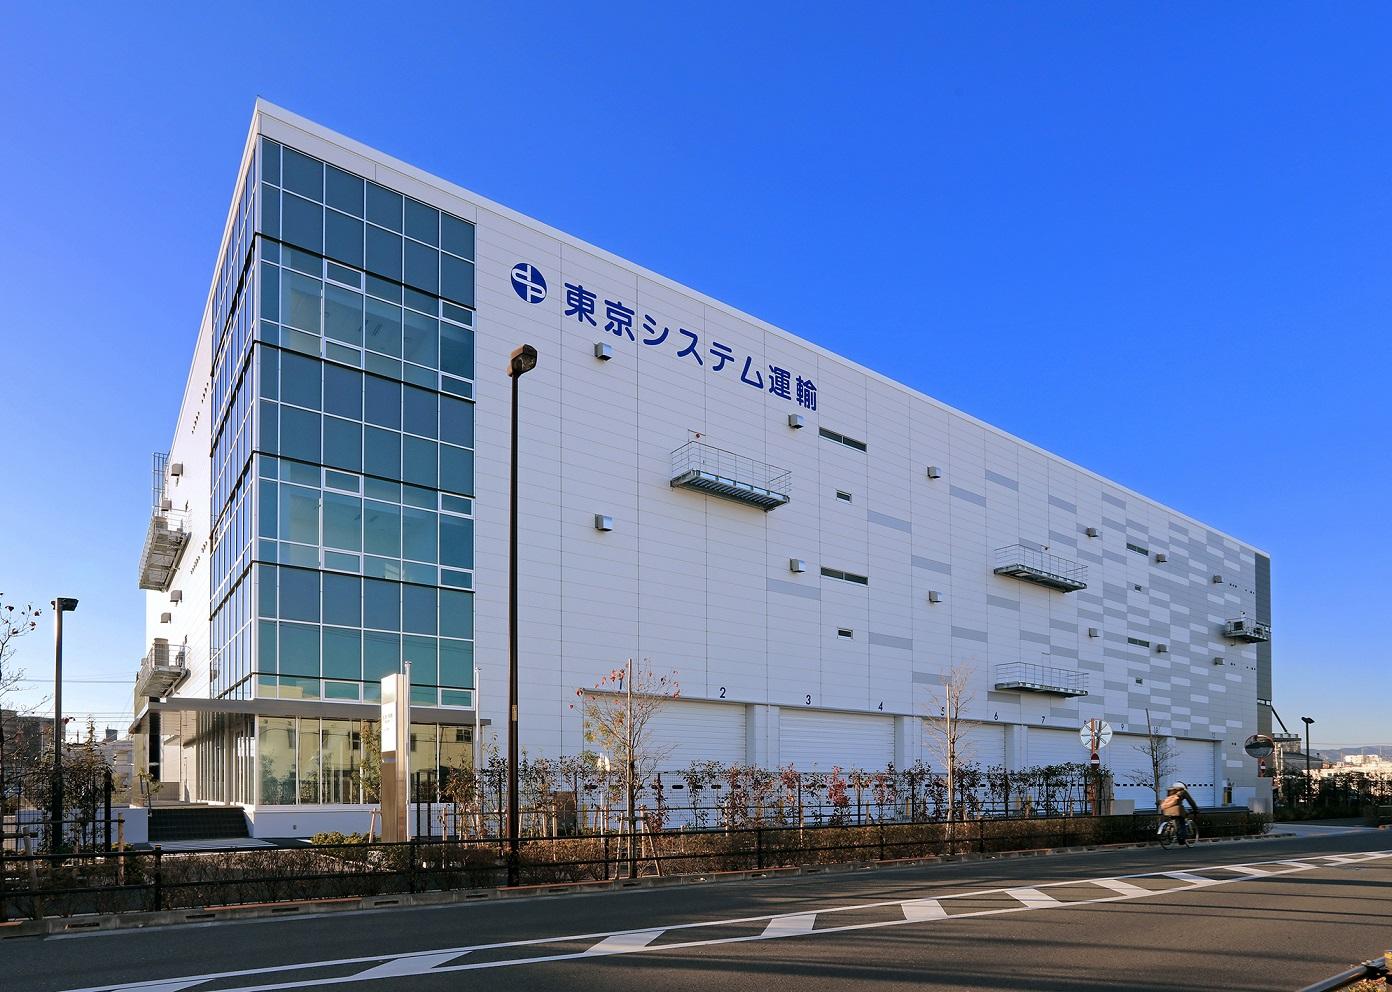 東京ロジファクトリー株式会社 昭島第3物流センター